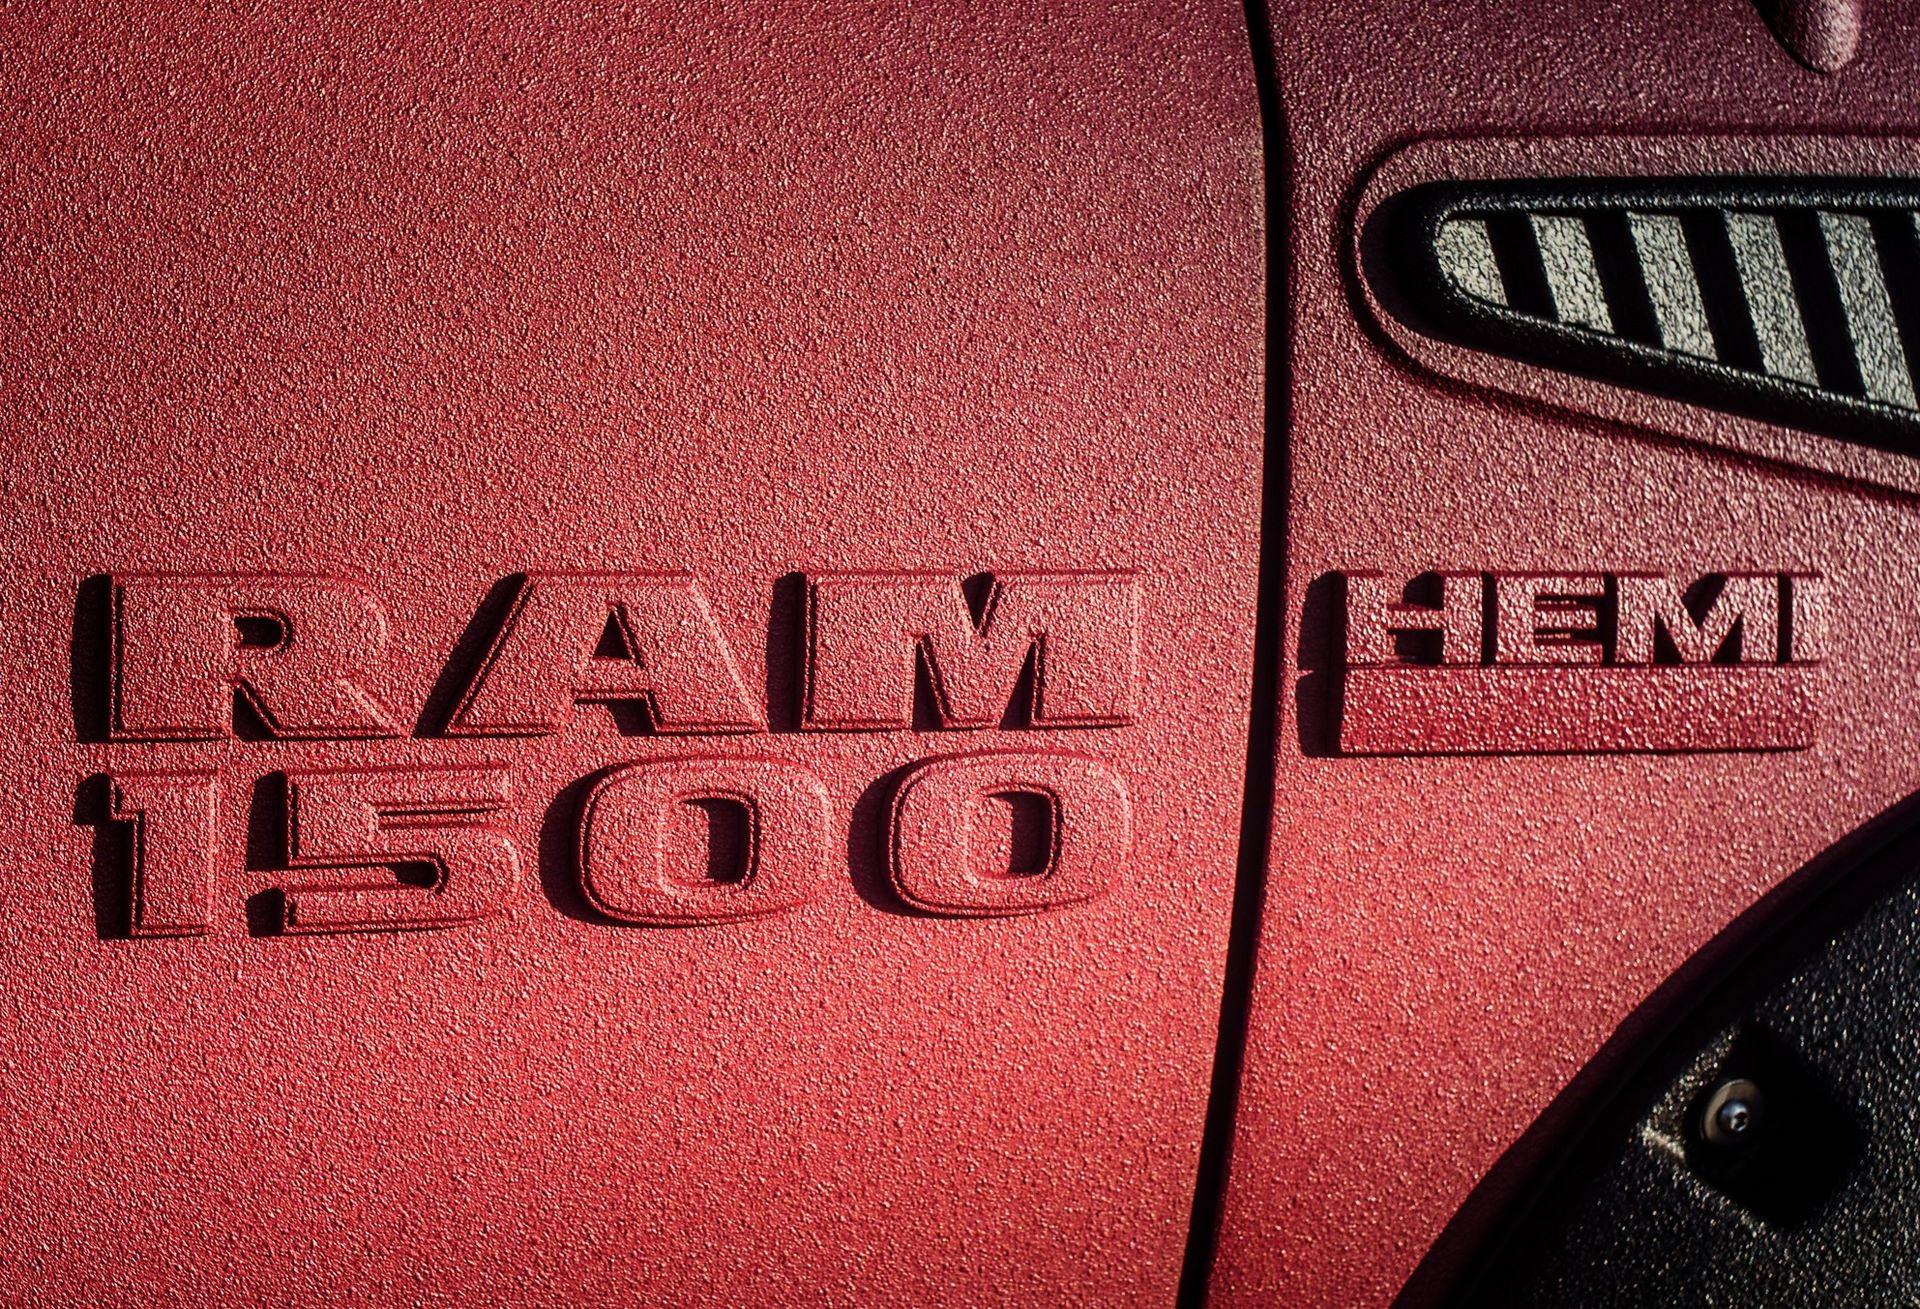 Ram-1500-by-JB-Car-Design-17